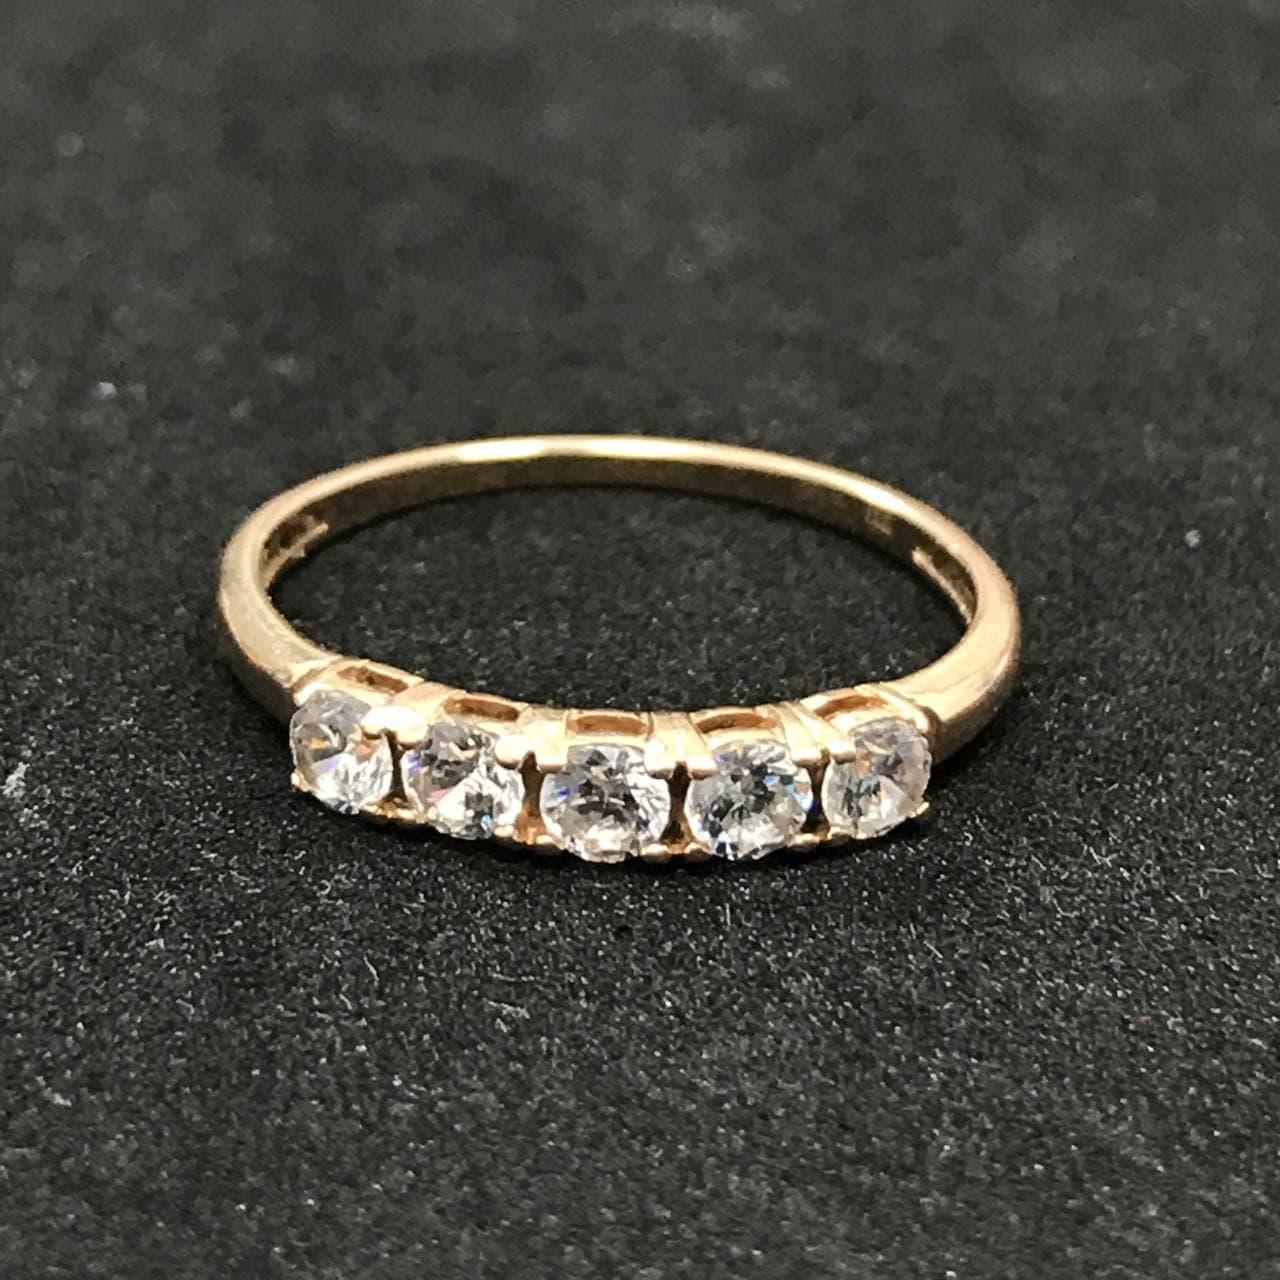 Золотое кольцо с фианитом 585 пробы, вес 1,74г. Б/у. Продажа по Украине